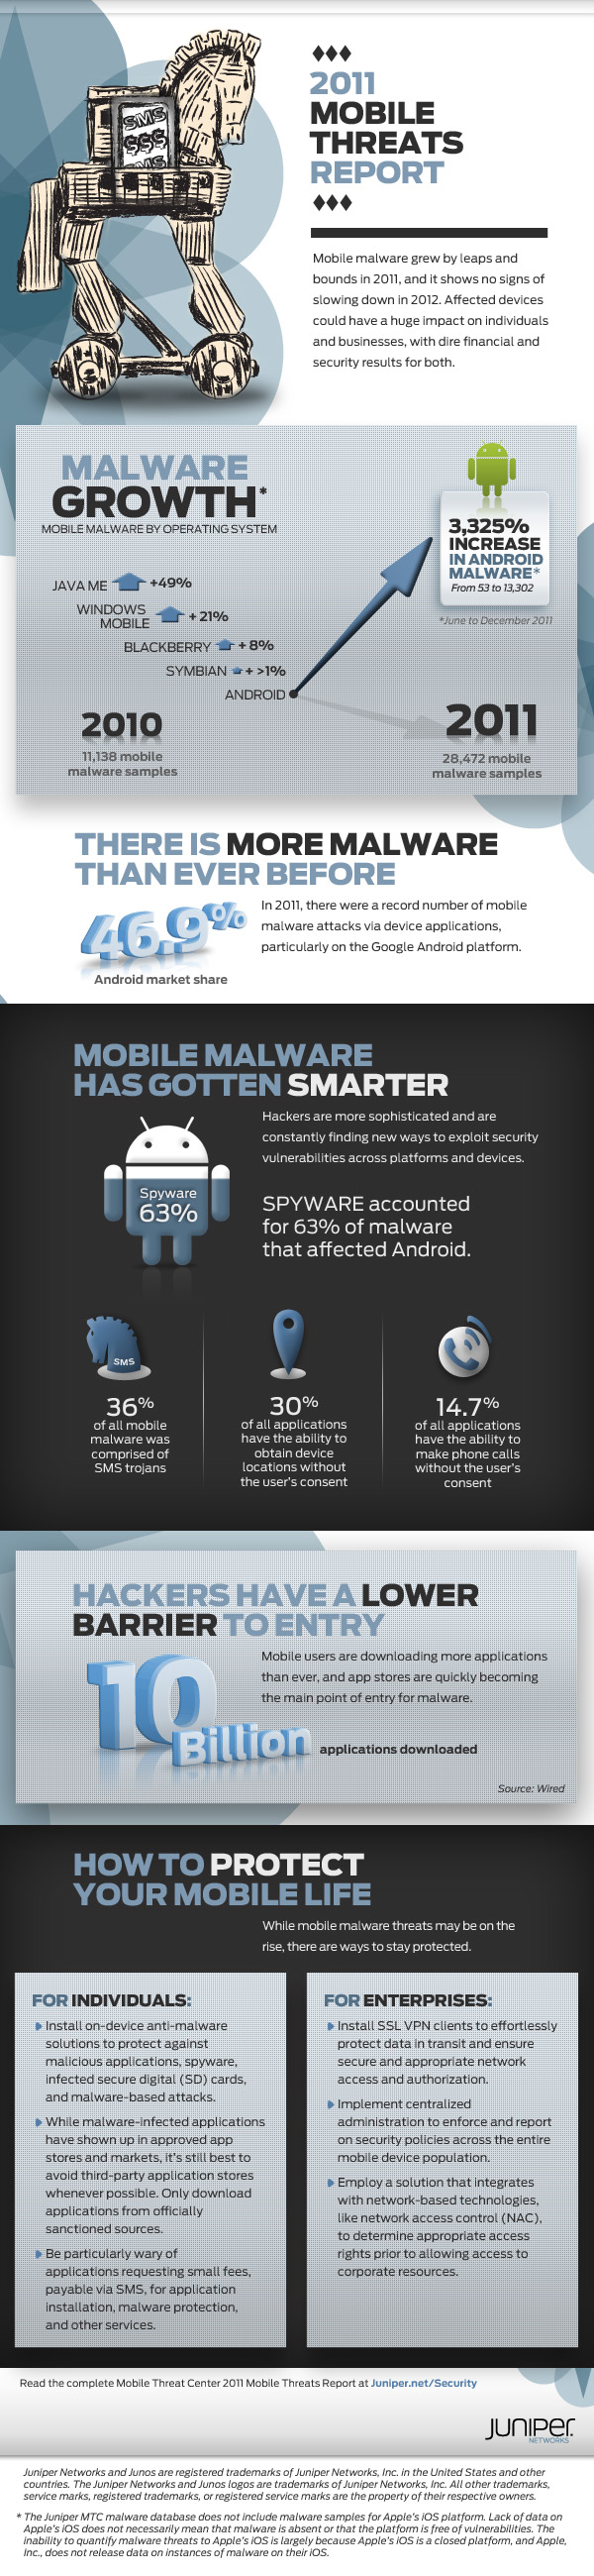 Las amenazas móviles siguen creciendo a ritmo alarmante 50